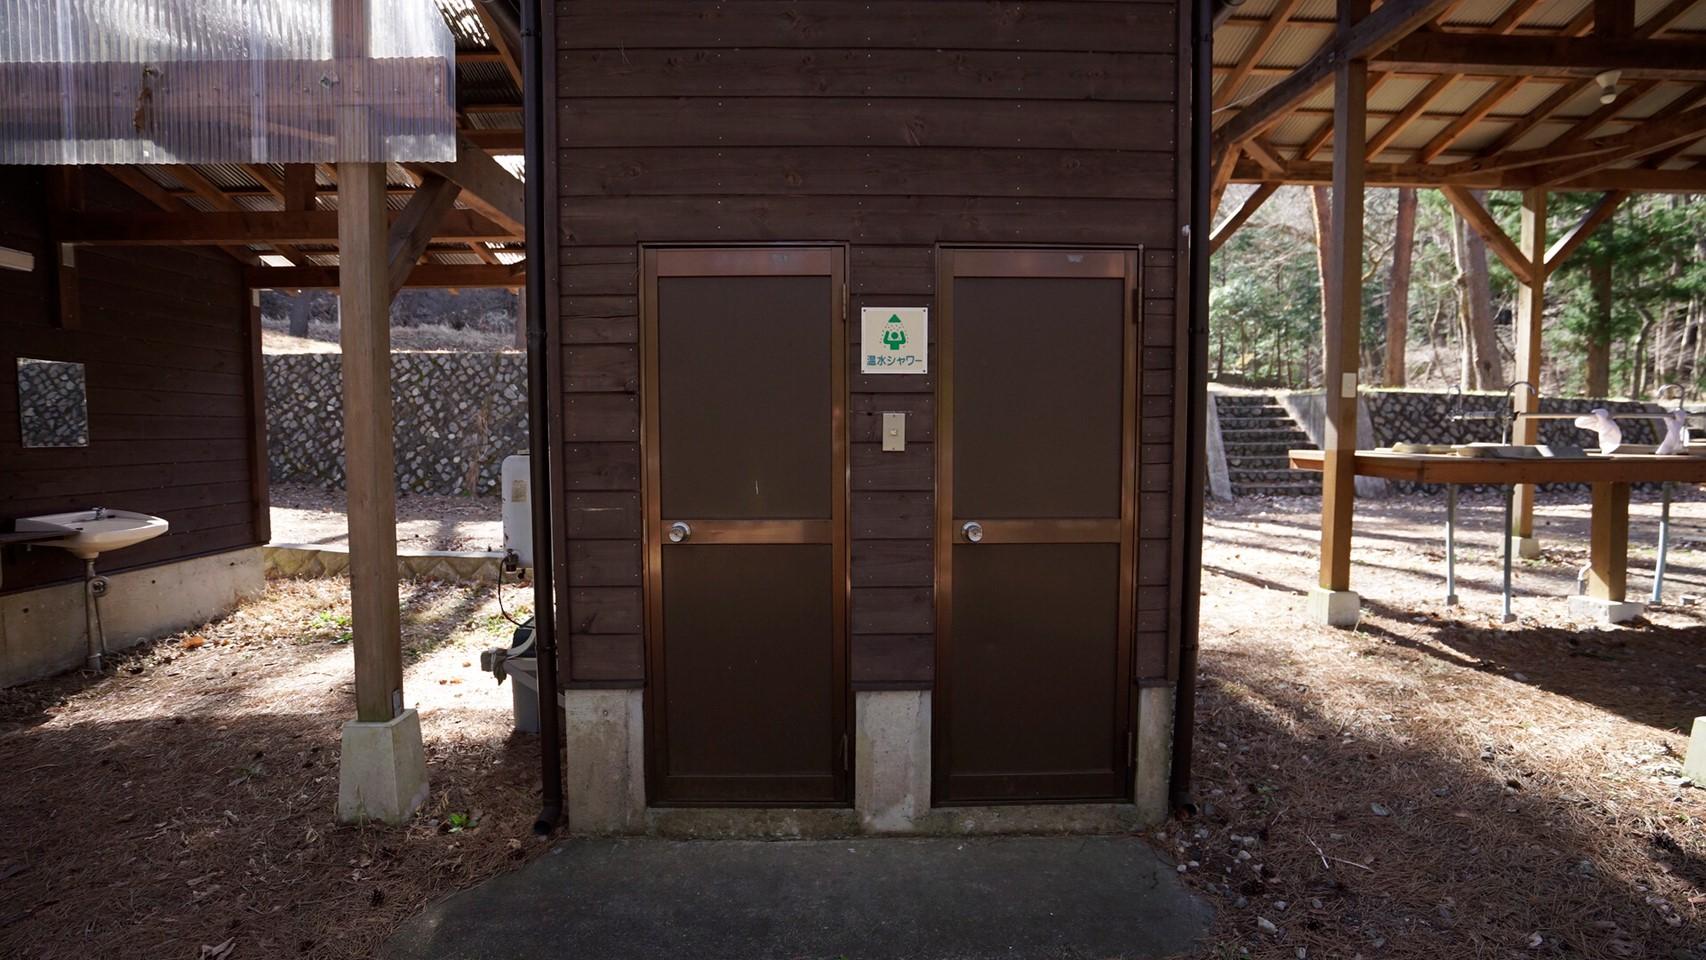 【木立に囲まれる|富士河口湖町】『ハーブの里オートキャンプ場』攻略ガイド(駐車場・トイレ)